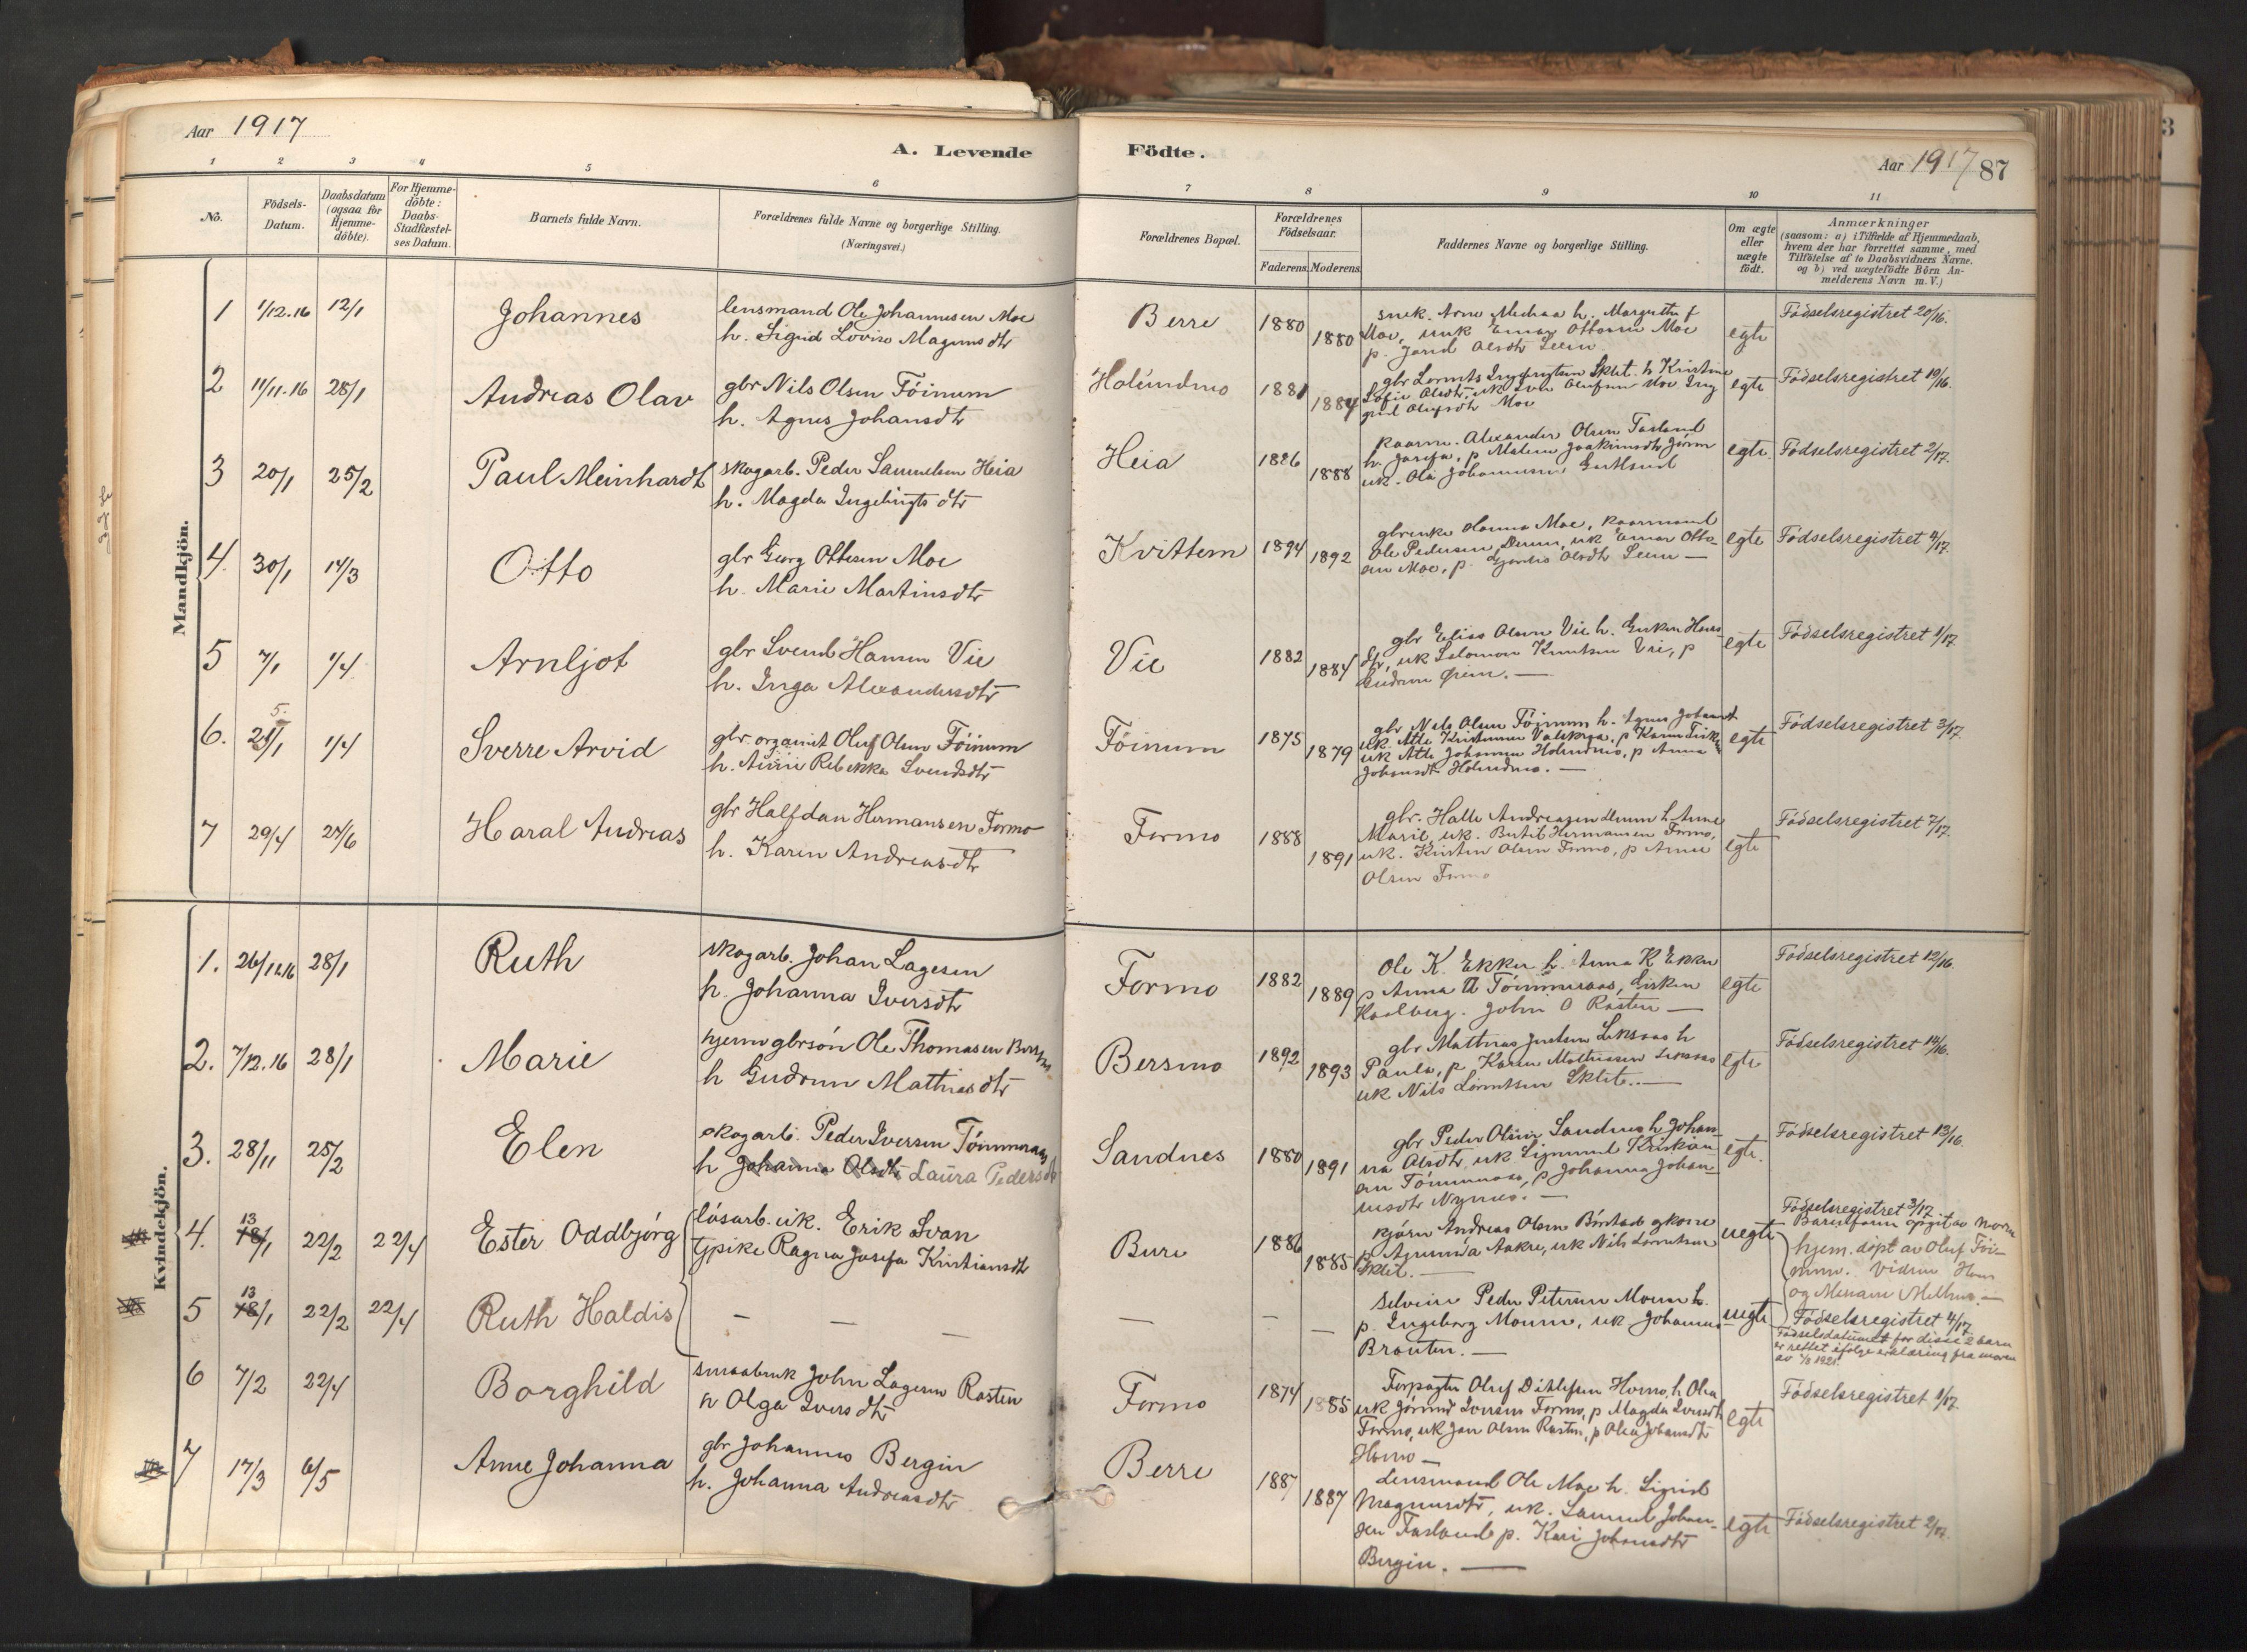 SAT, Ministerialprotokoller, klokkerbøker og fødselsregistre - Nord-Trøndelag, 758/L0519: Ministerialbok nr. 758A04, 1880-1926, s. 87